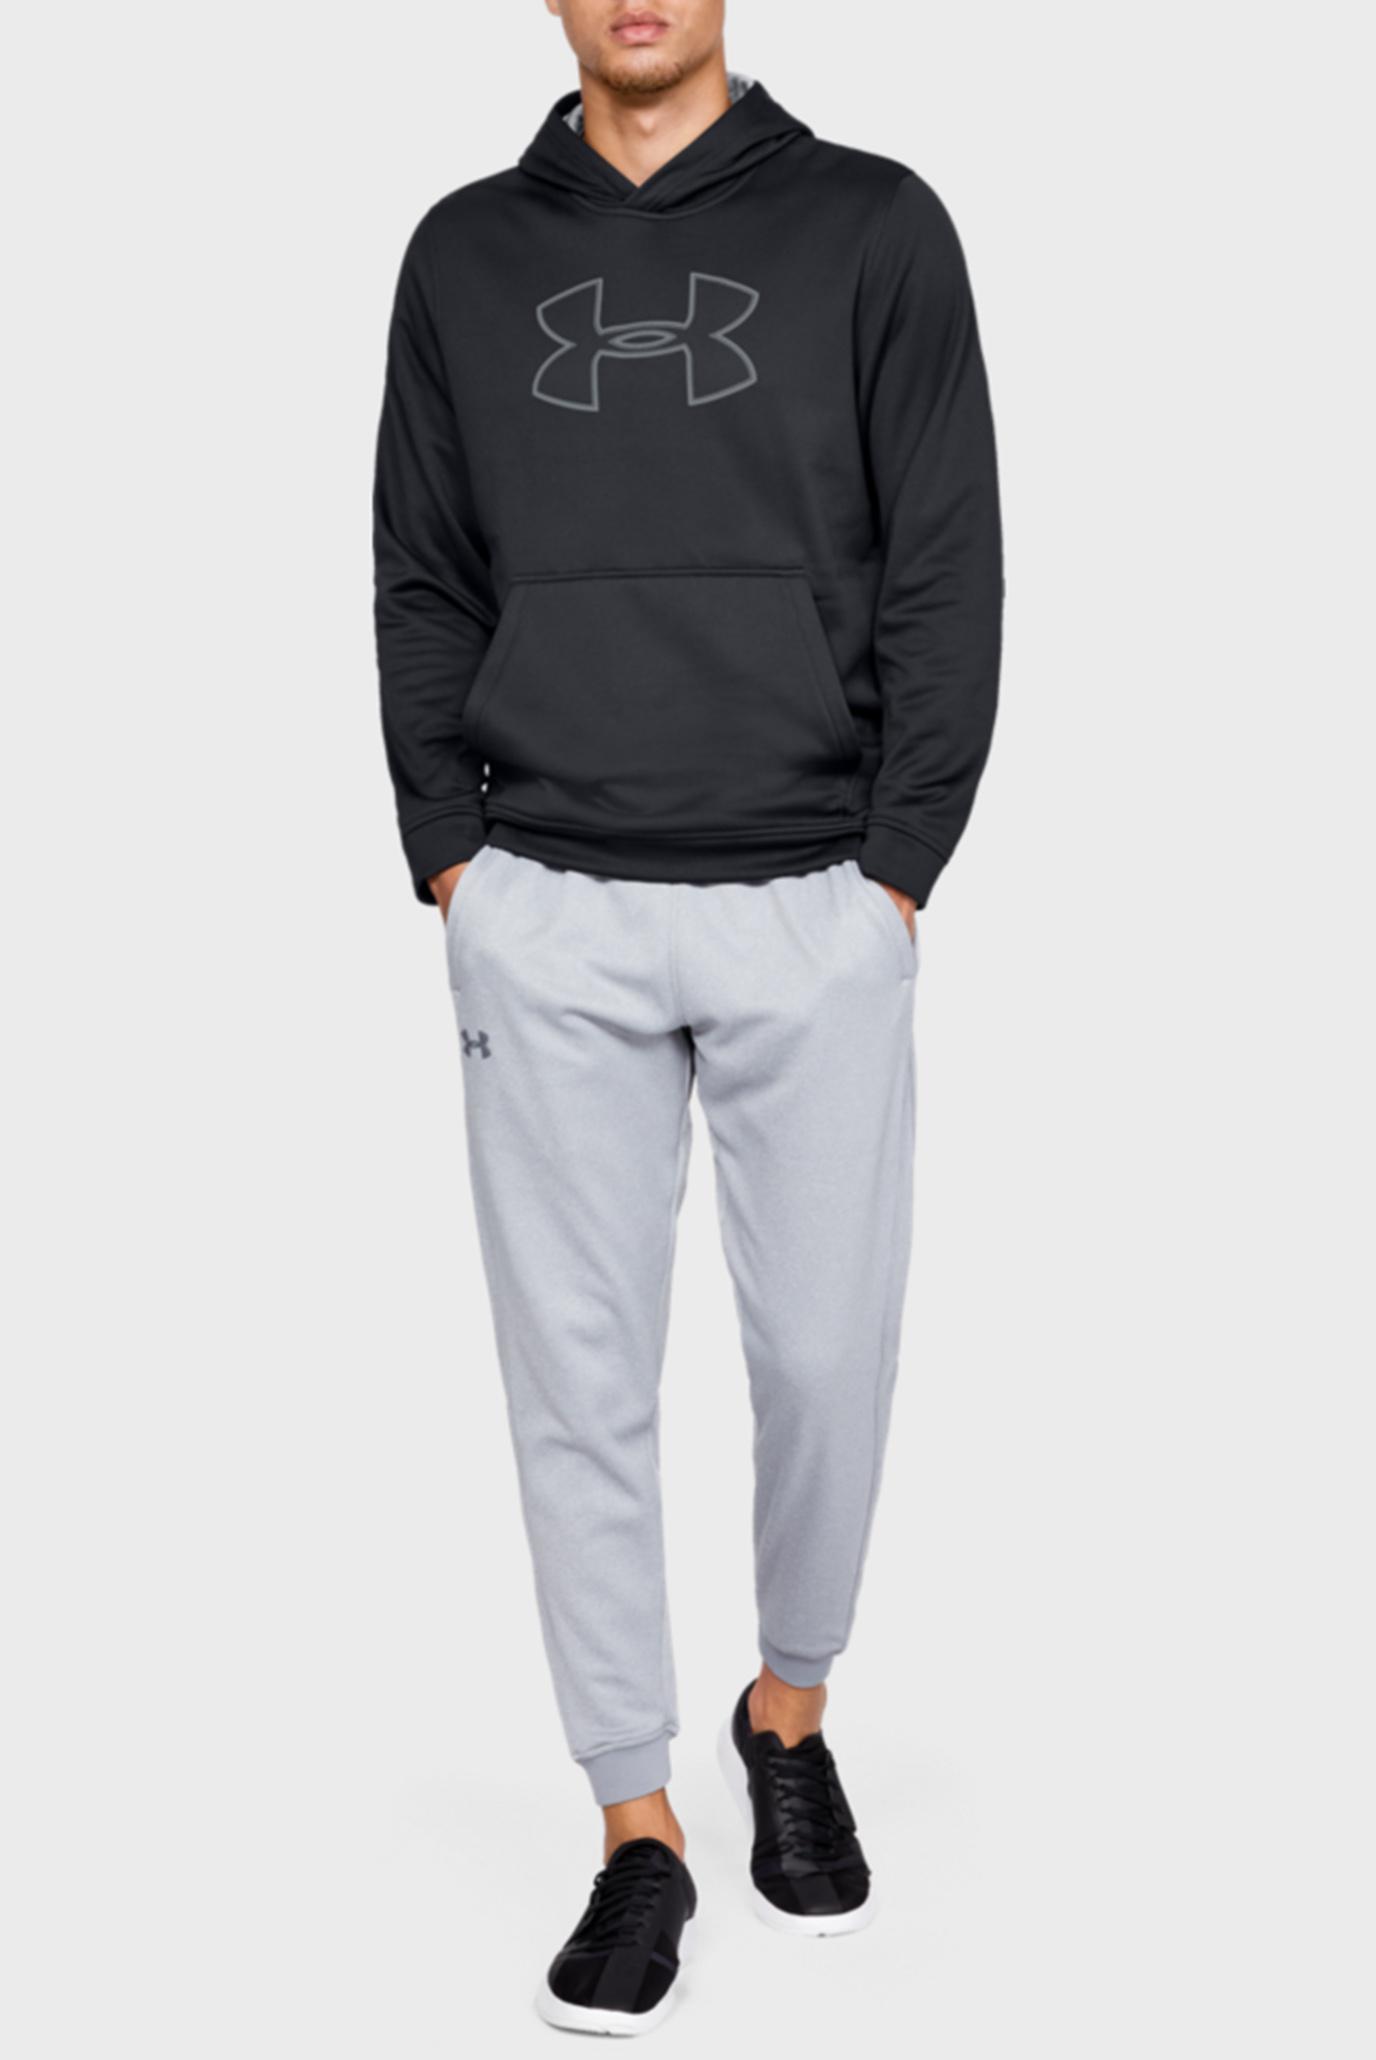 Купить Мужское черное худи PERFORMANCE FLEECE GRAPHIC HOODY Under Armour Under Armour 1329743-001 – Киев, Украина. Цены в интернет магазине MD Fashion